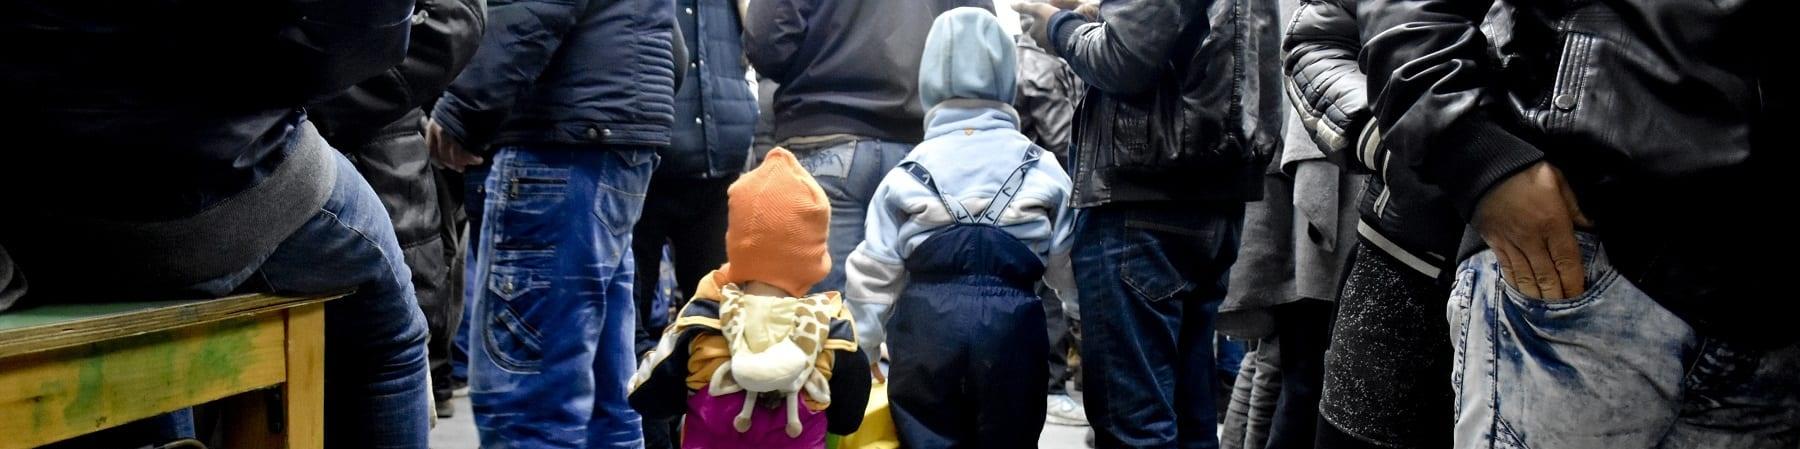 Due bambini molto piccoli di spalle sono in un ambiente chiuso molto affollato di cui si vedono soltanto le gambe e i piedi.